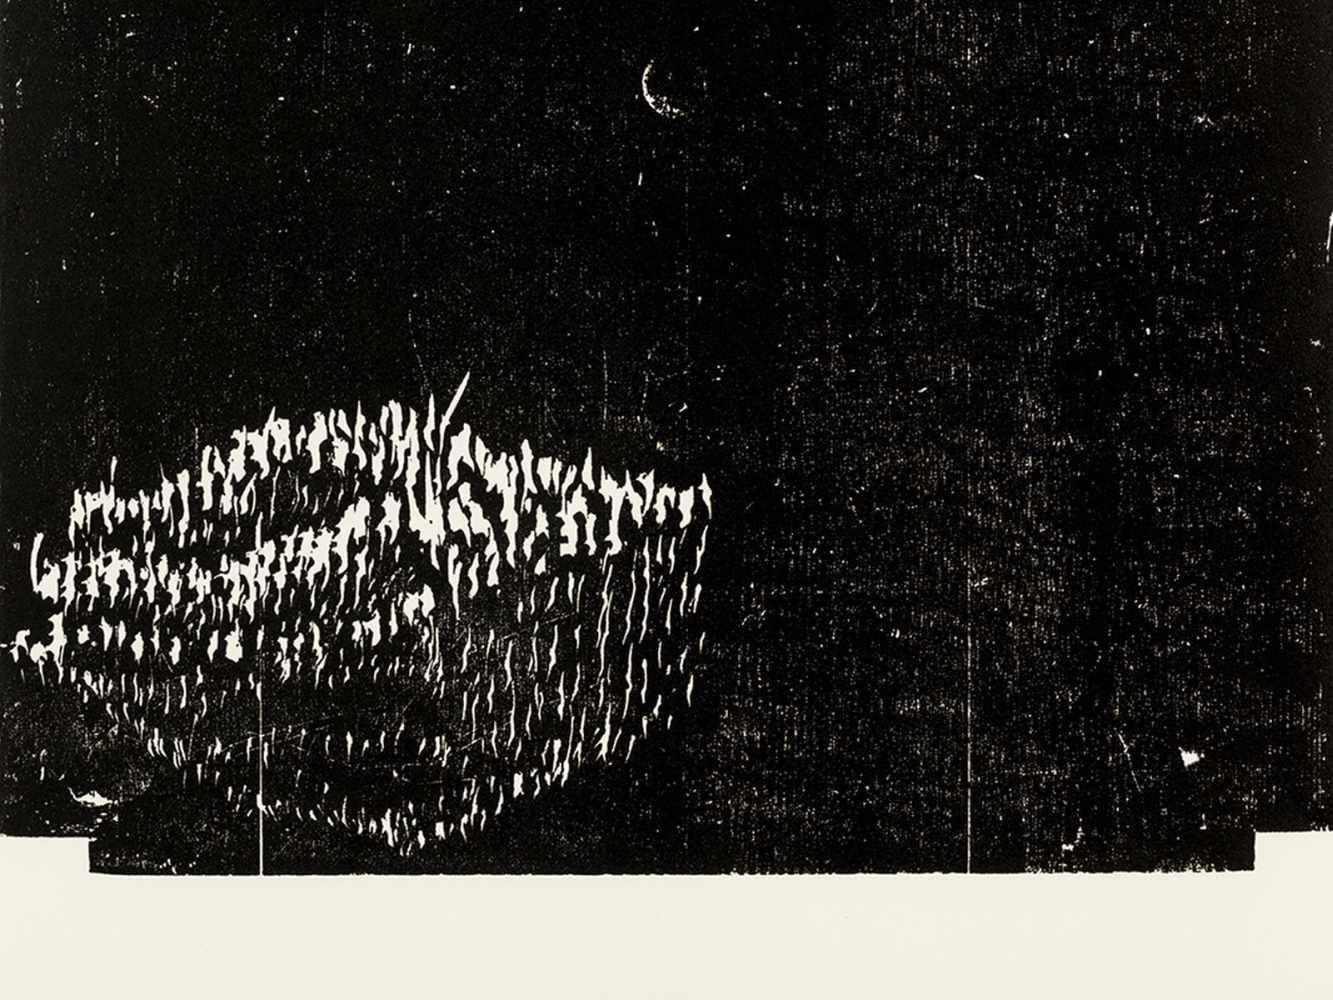 Matthias Mansen (b. 1958), G.W. Leibniz, Woodcut, 1999 - Image 7 of 9